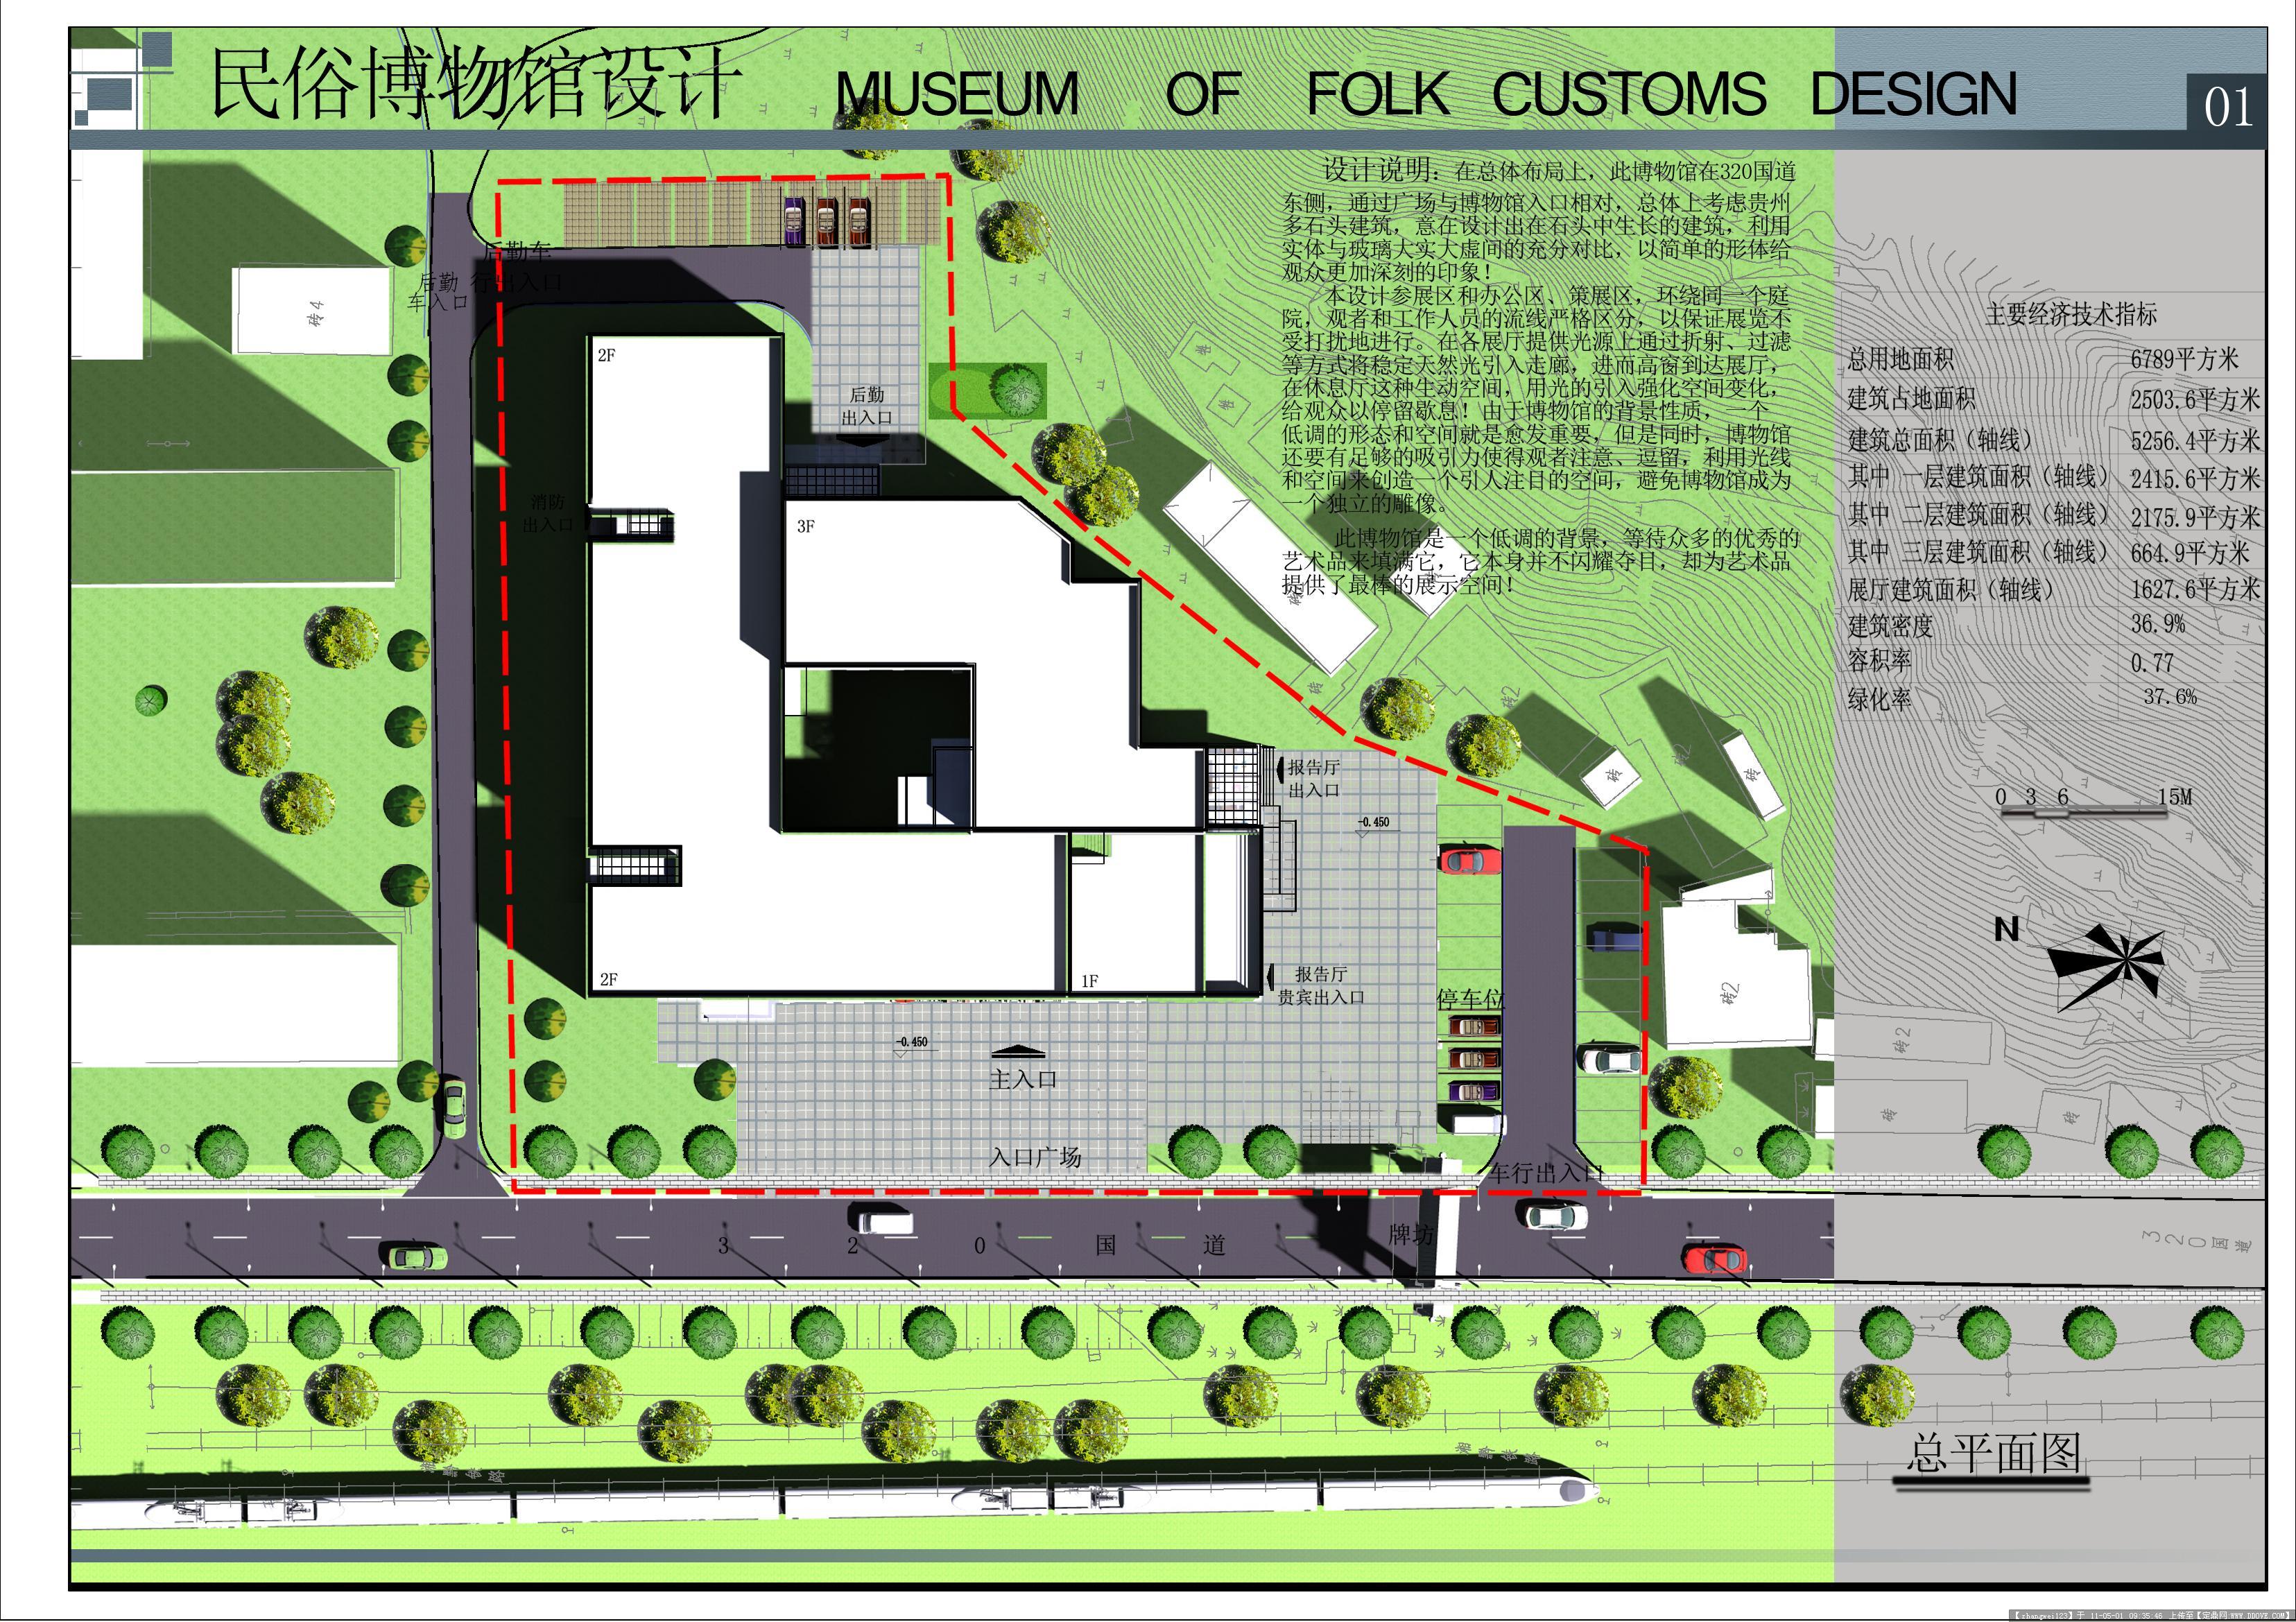 博物馆建筑效果图几张-大图的图片浏览,建筑方案图纸